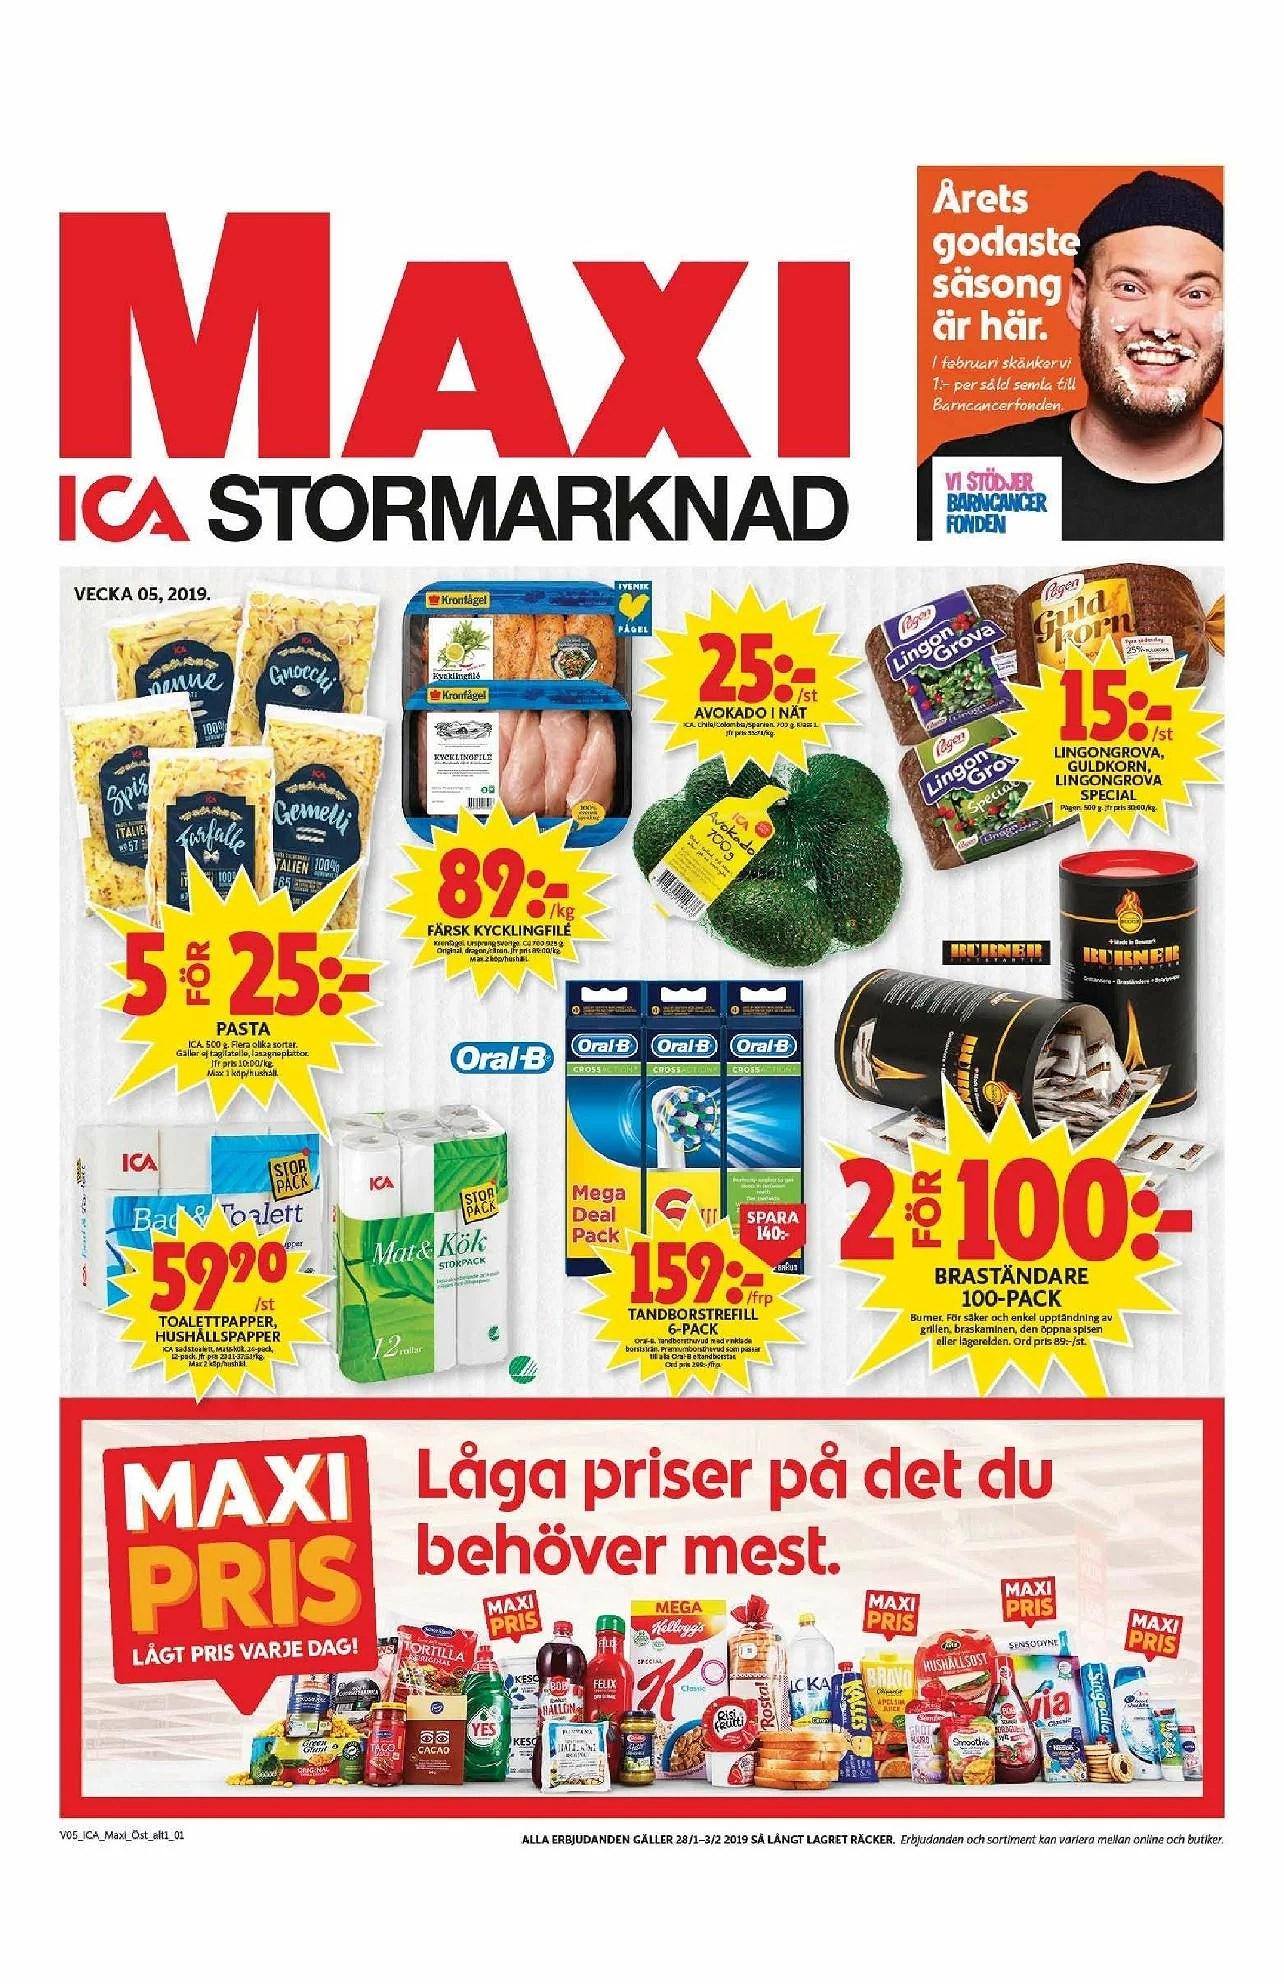 Ica Maxi nästa vecka, avokado i nät 25kr, Pågen bröd 15kr, Ica pizza 19,95kr och annat